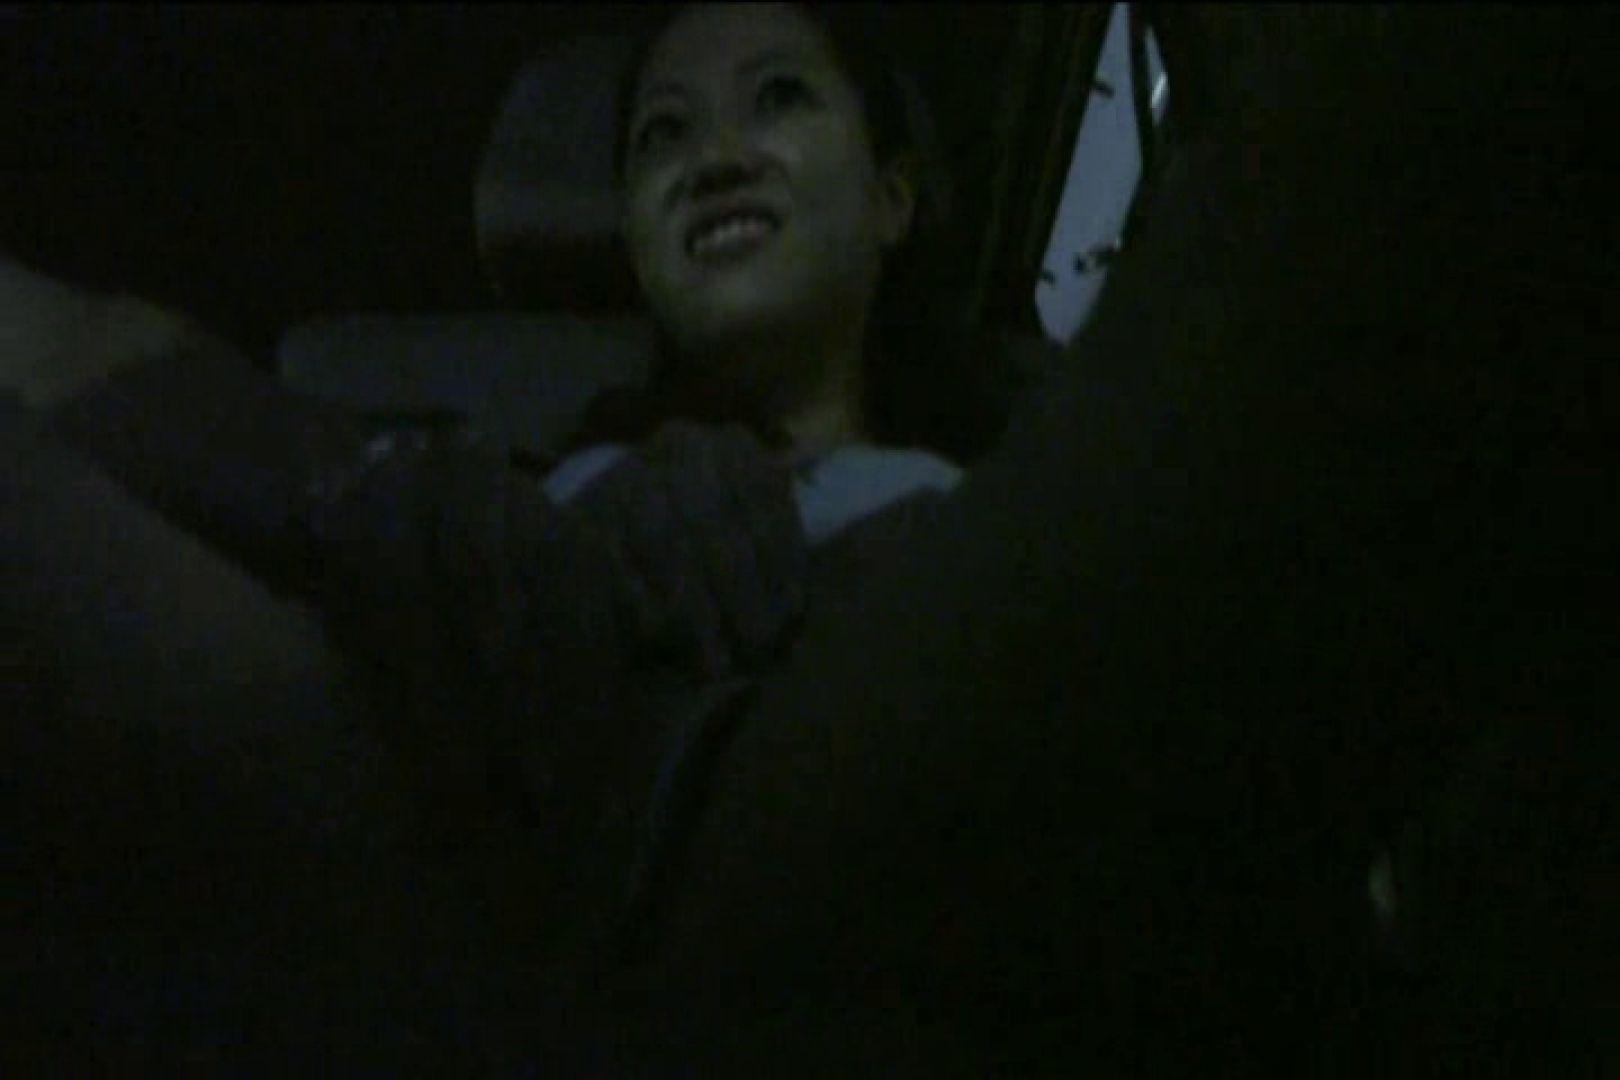 車内で初めまして! vol01 エッチ 性交動画流出 105連発 102